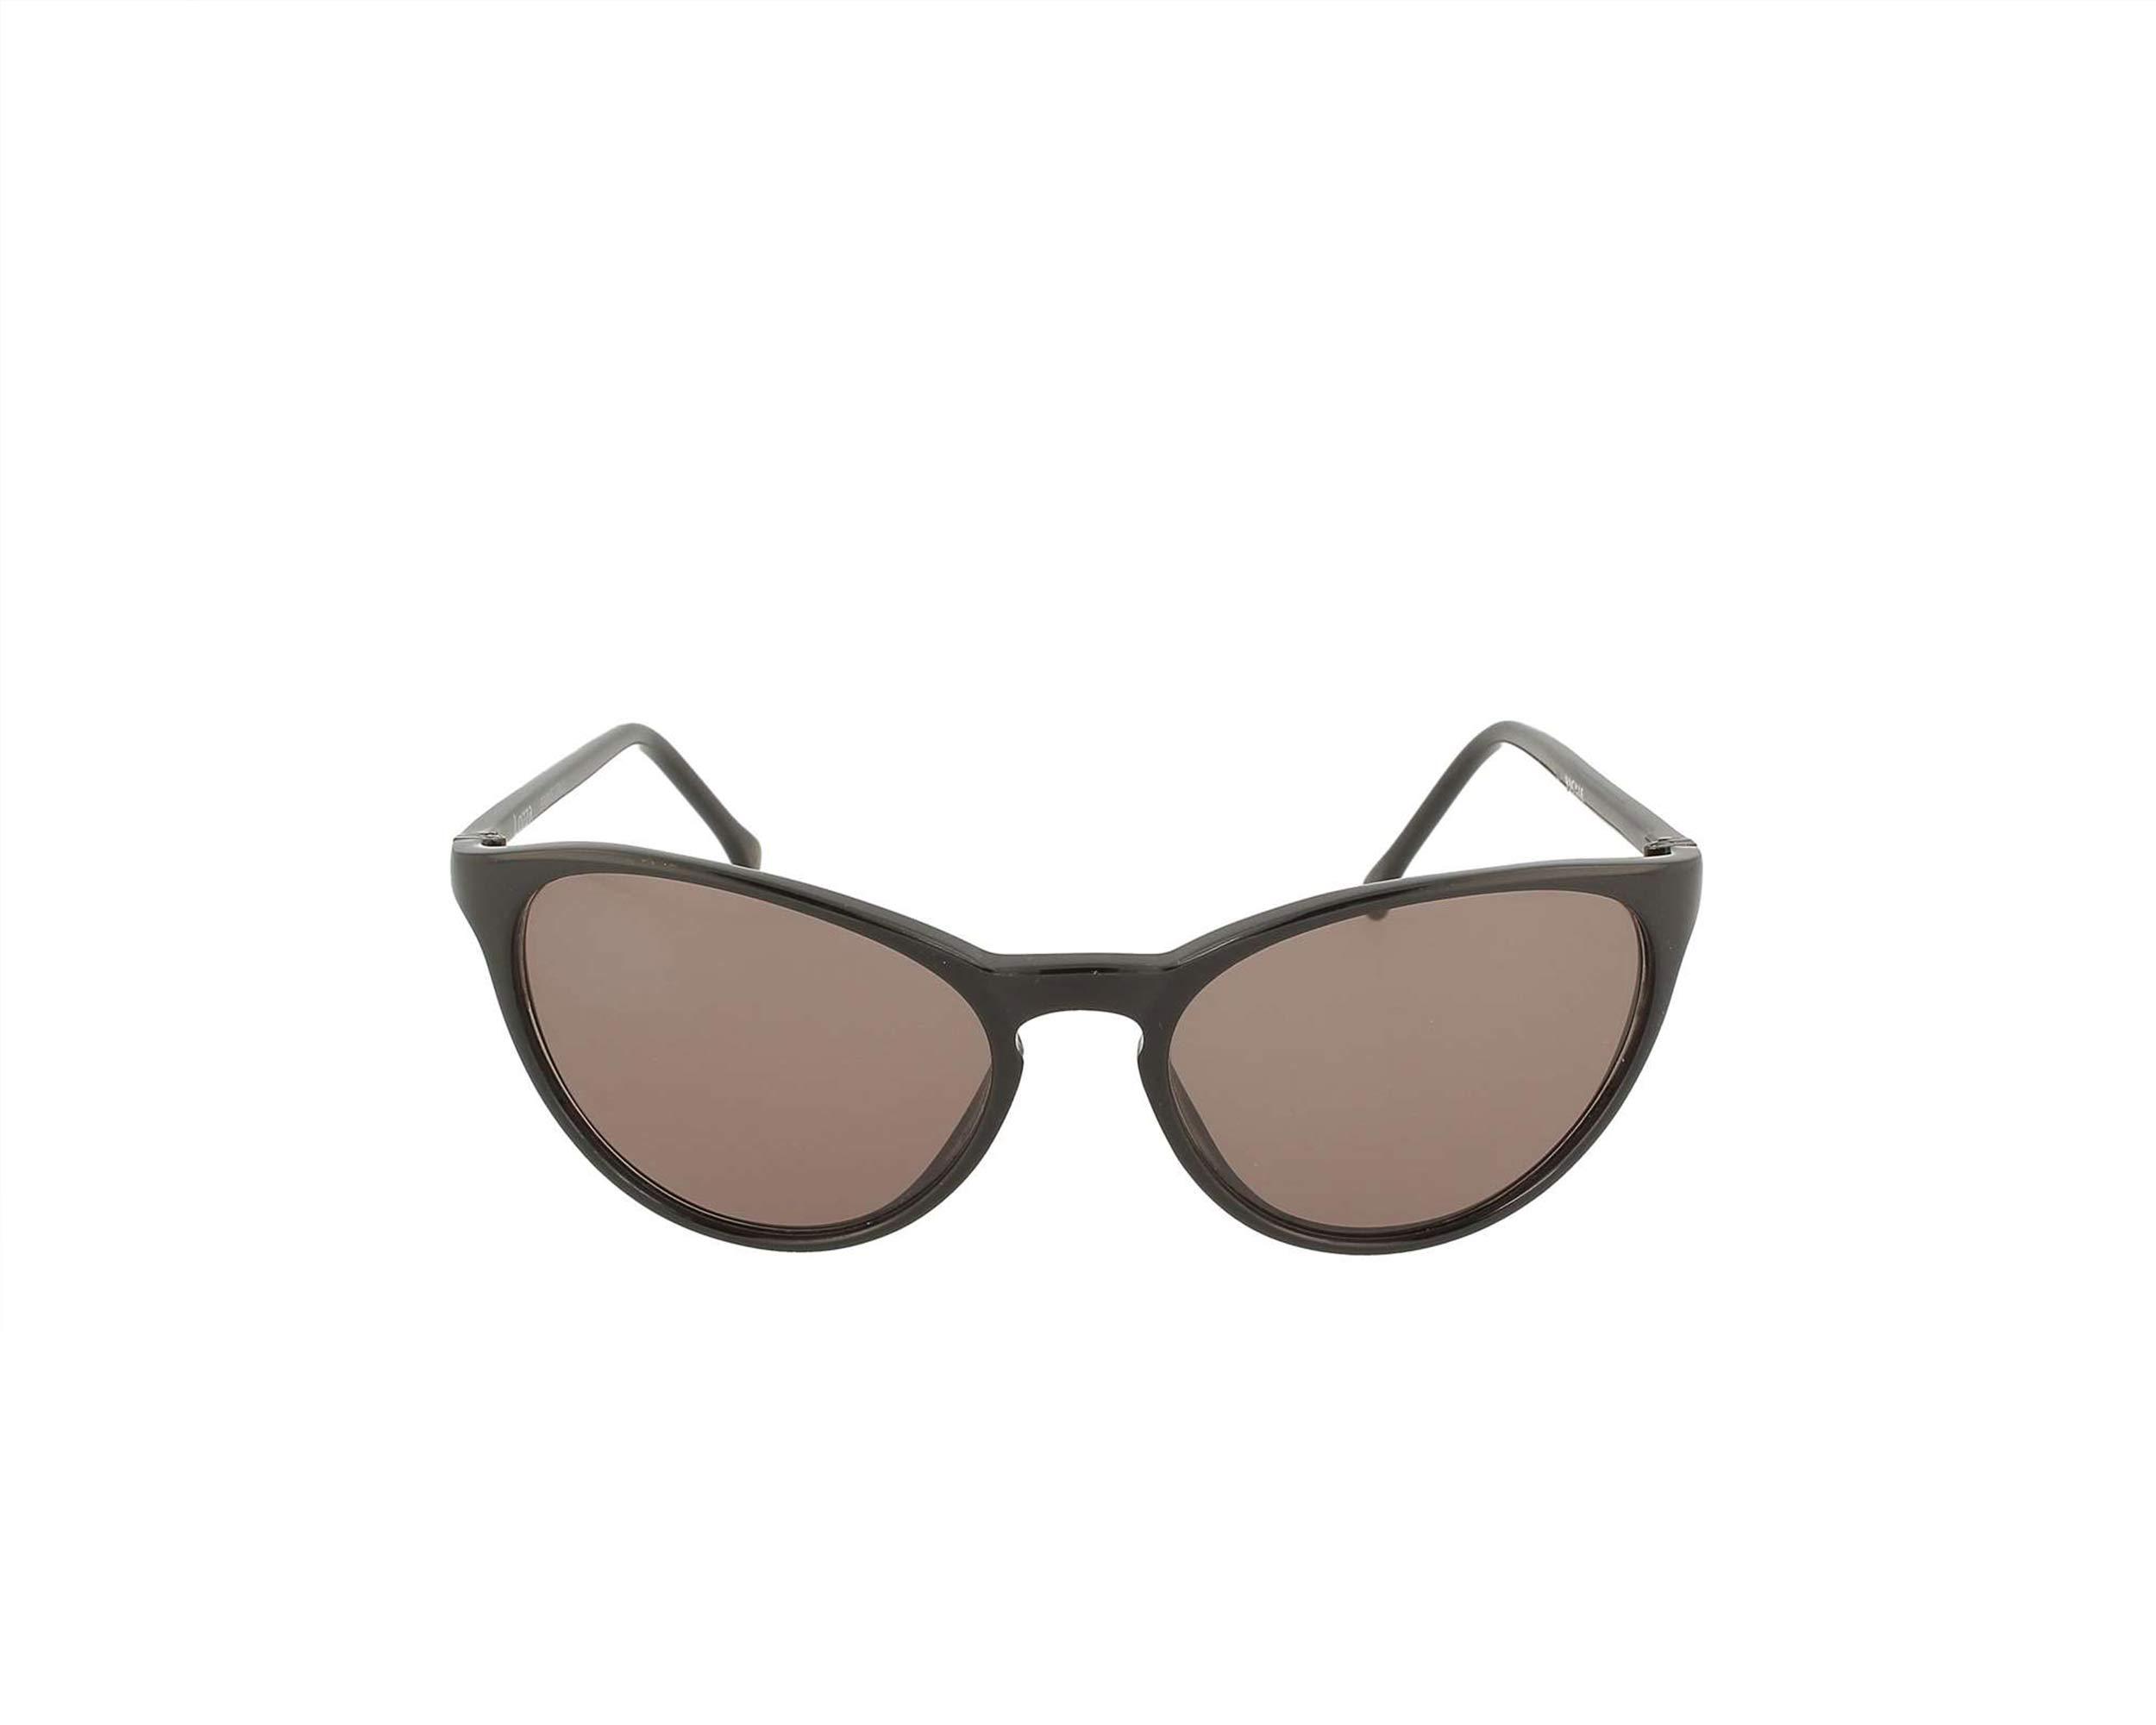 occhiale da sole camillo franchini donna cod 340 _ consegna a domicilio_